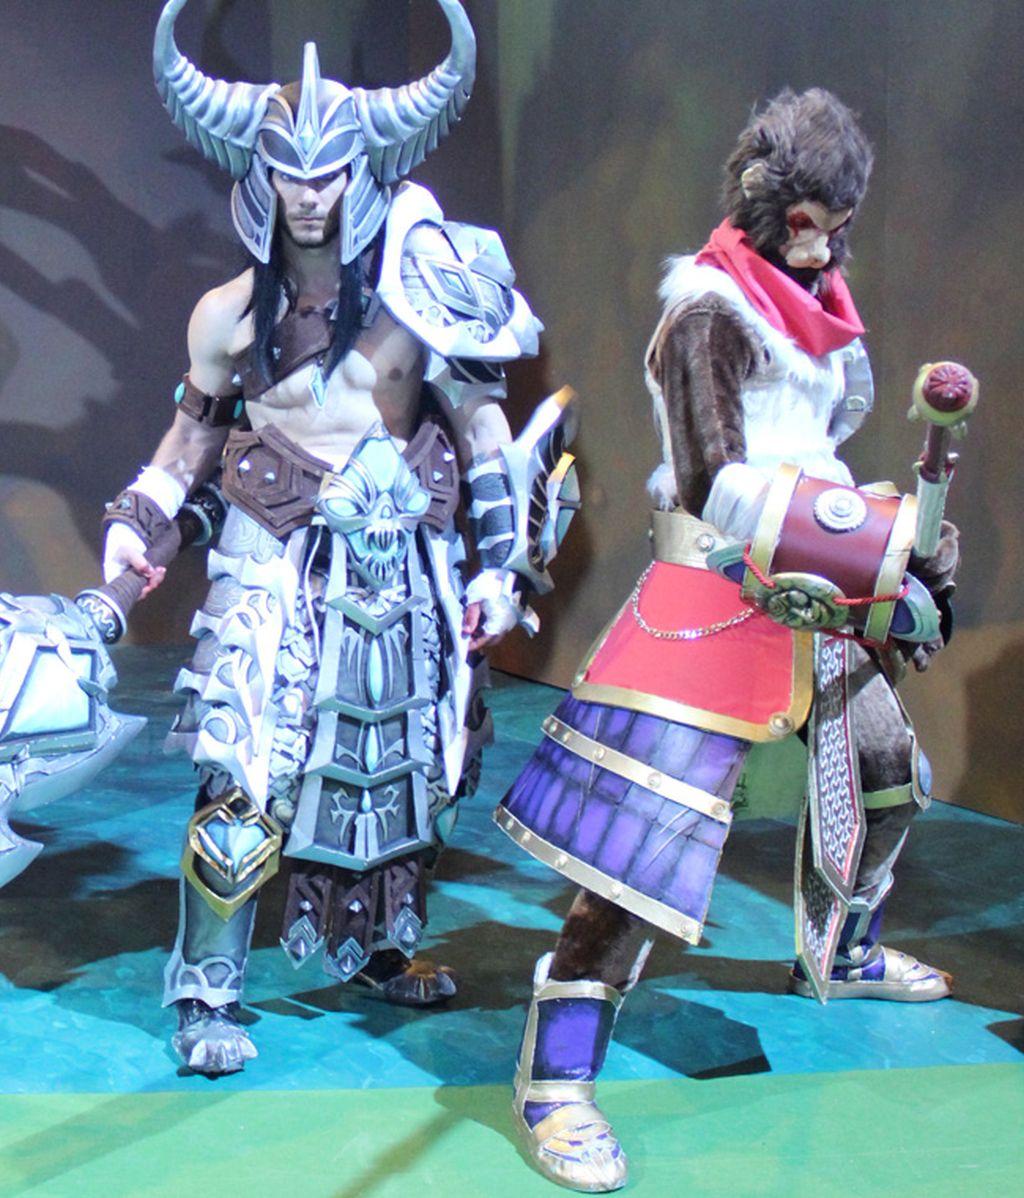 Tryndamere y Wukong, dos campeones de League of Legends